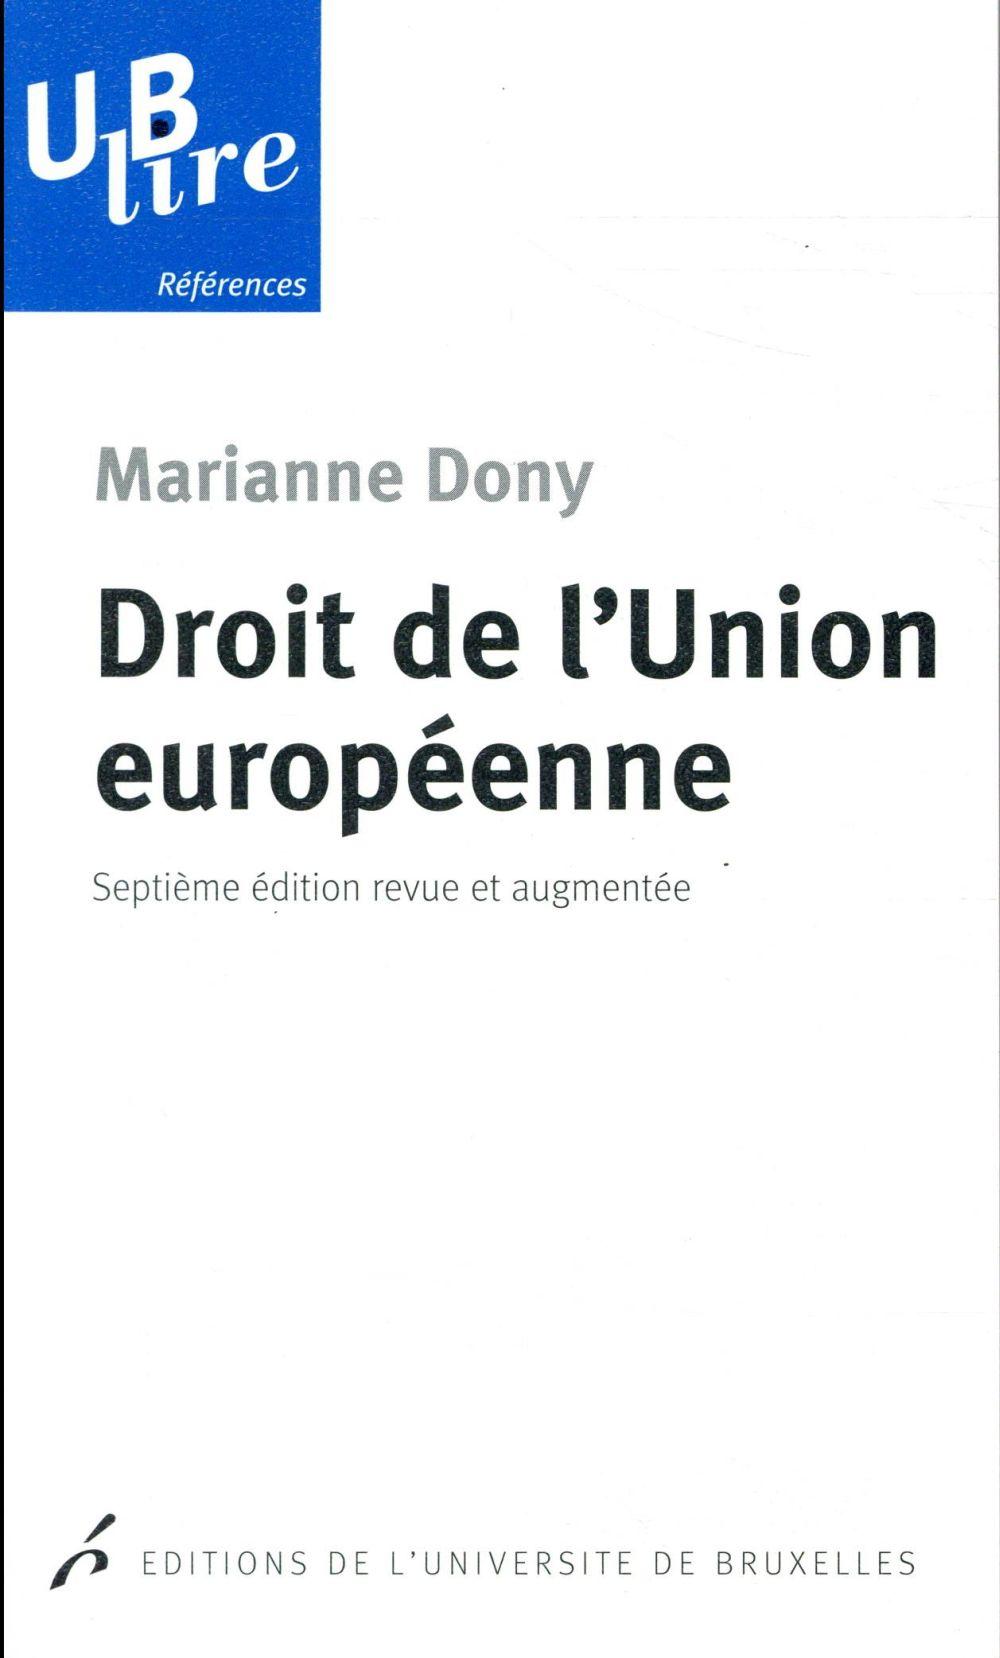 Droit de l'union européenne ; revue et augmentée (7e édition)